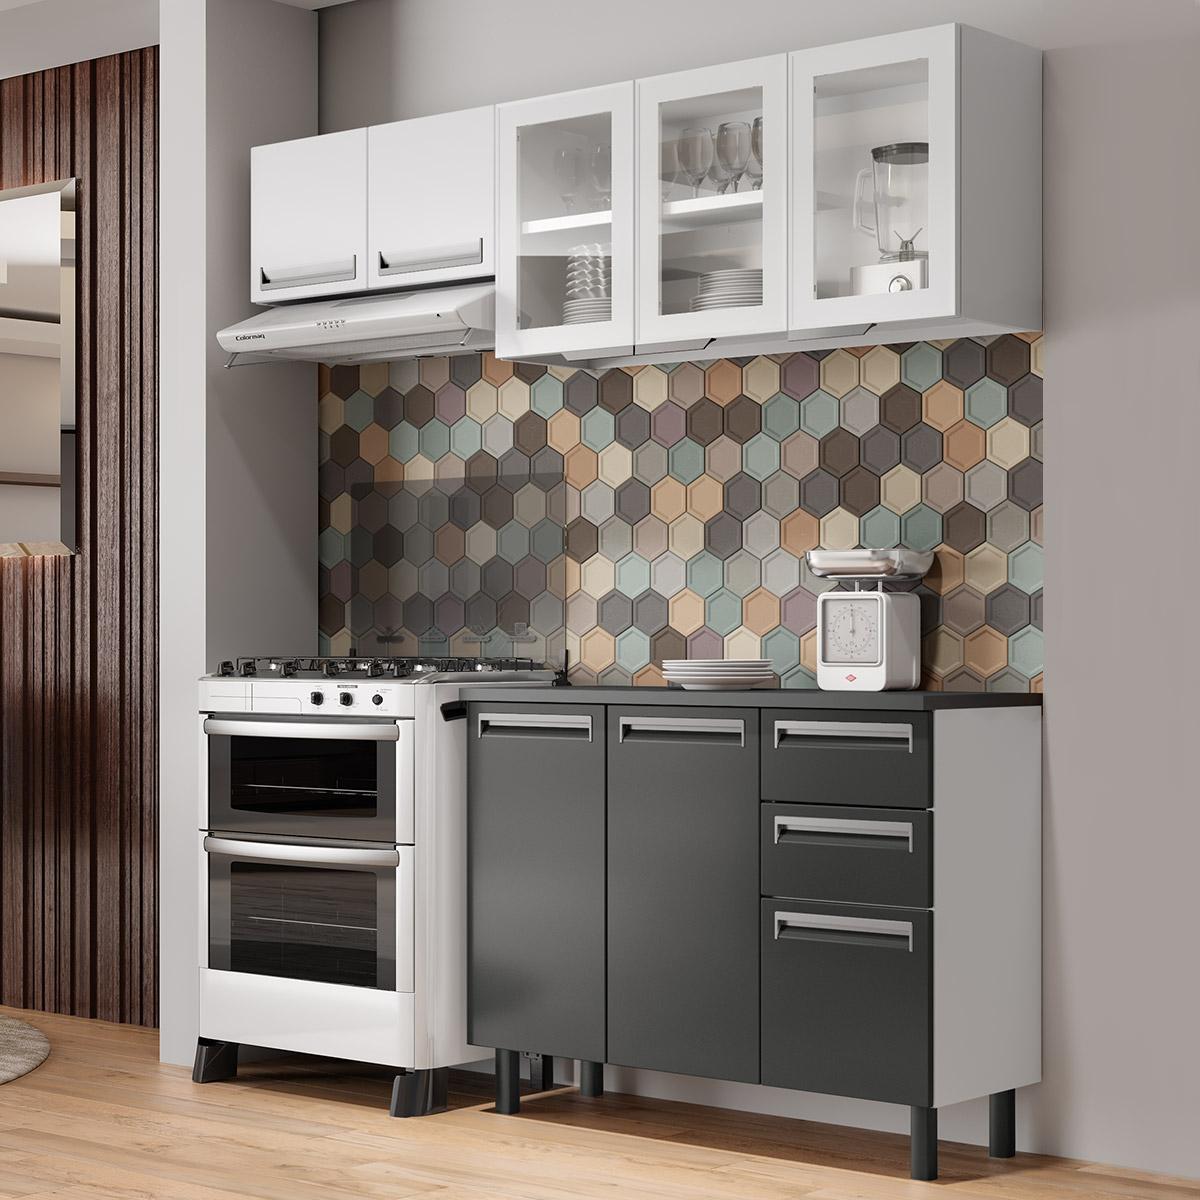 Cozinha Completa Colormaq Roma 3 Peças em Aço {{add_nome}}